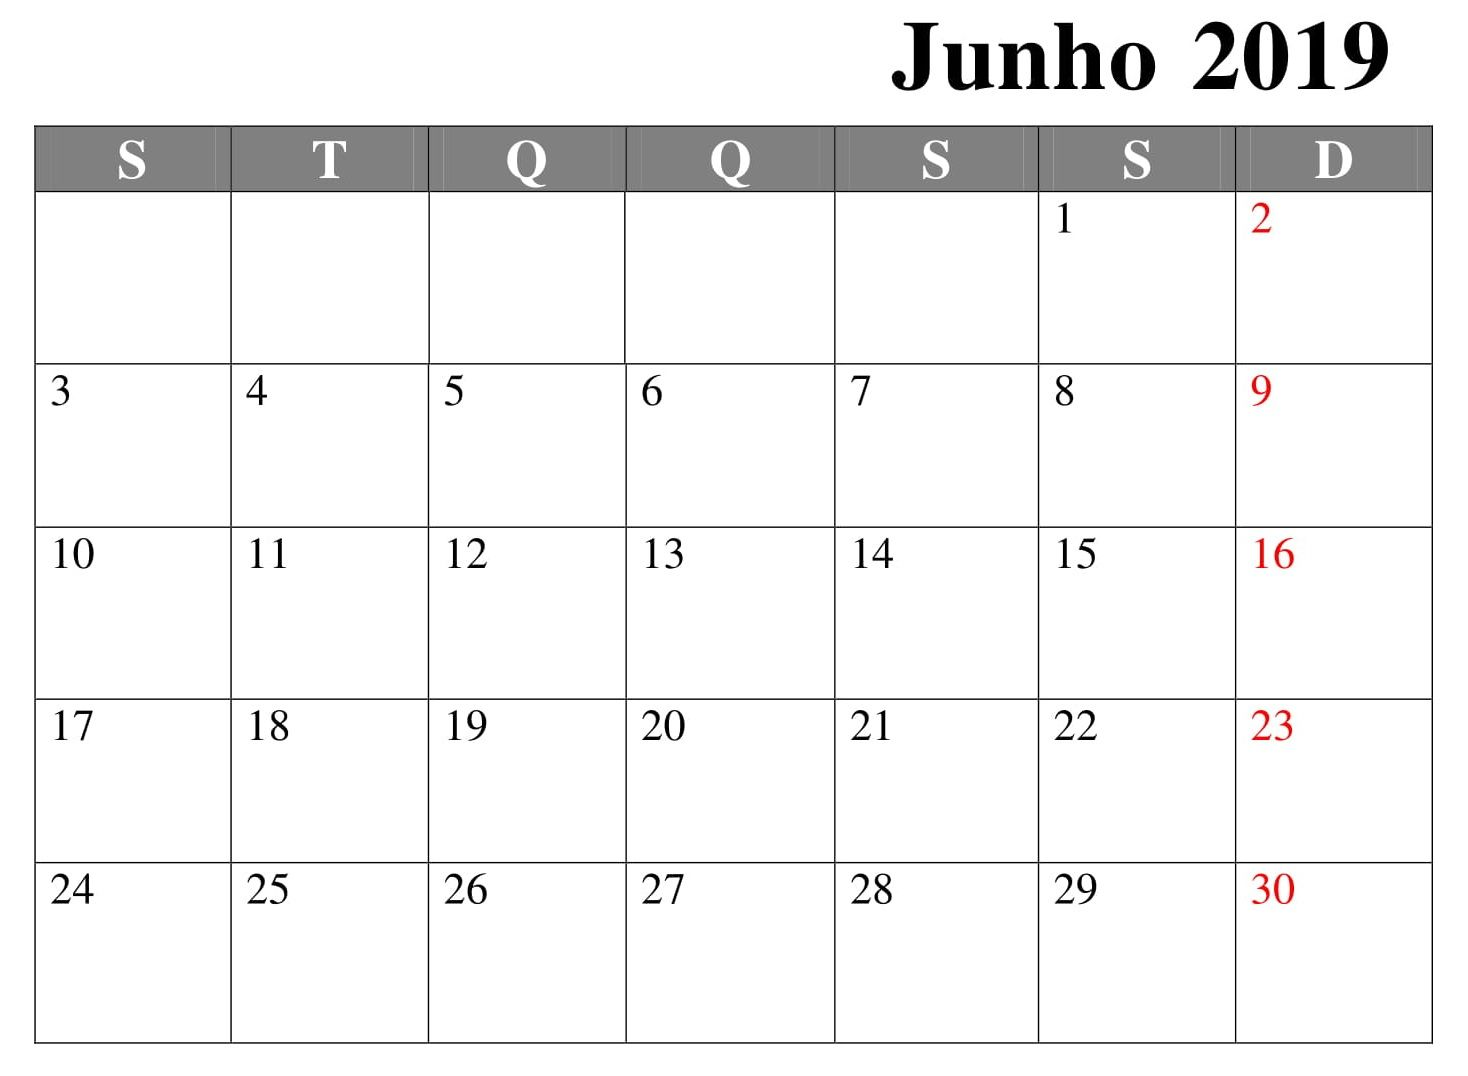 Calendario Word 2019.Junho Calendario 2019 Word Calendario Junho 2019 June 2019